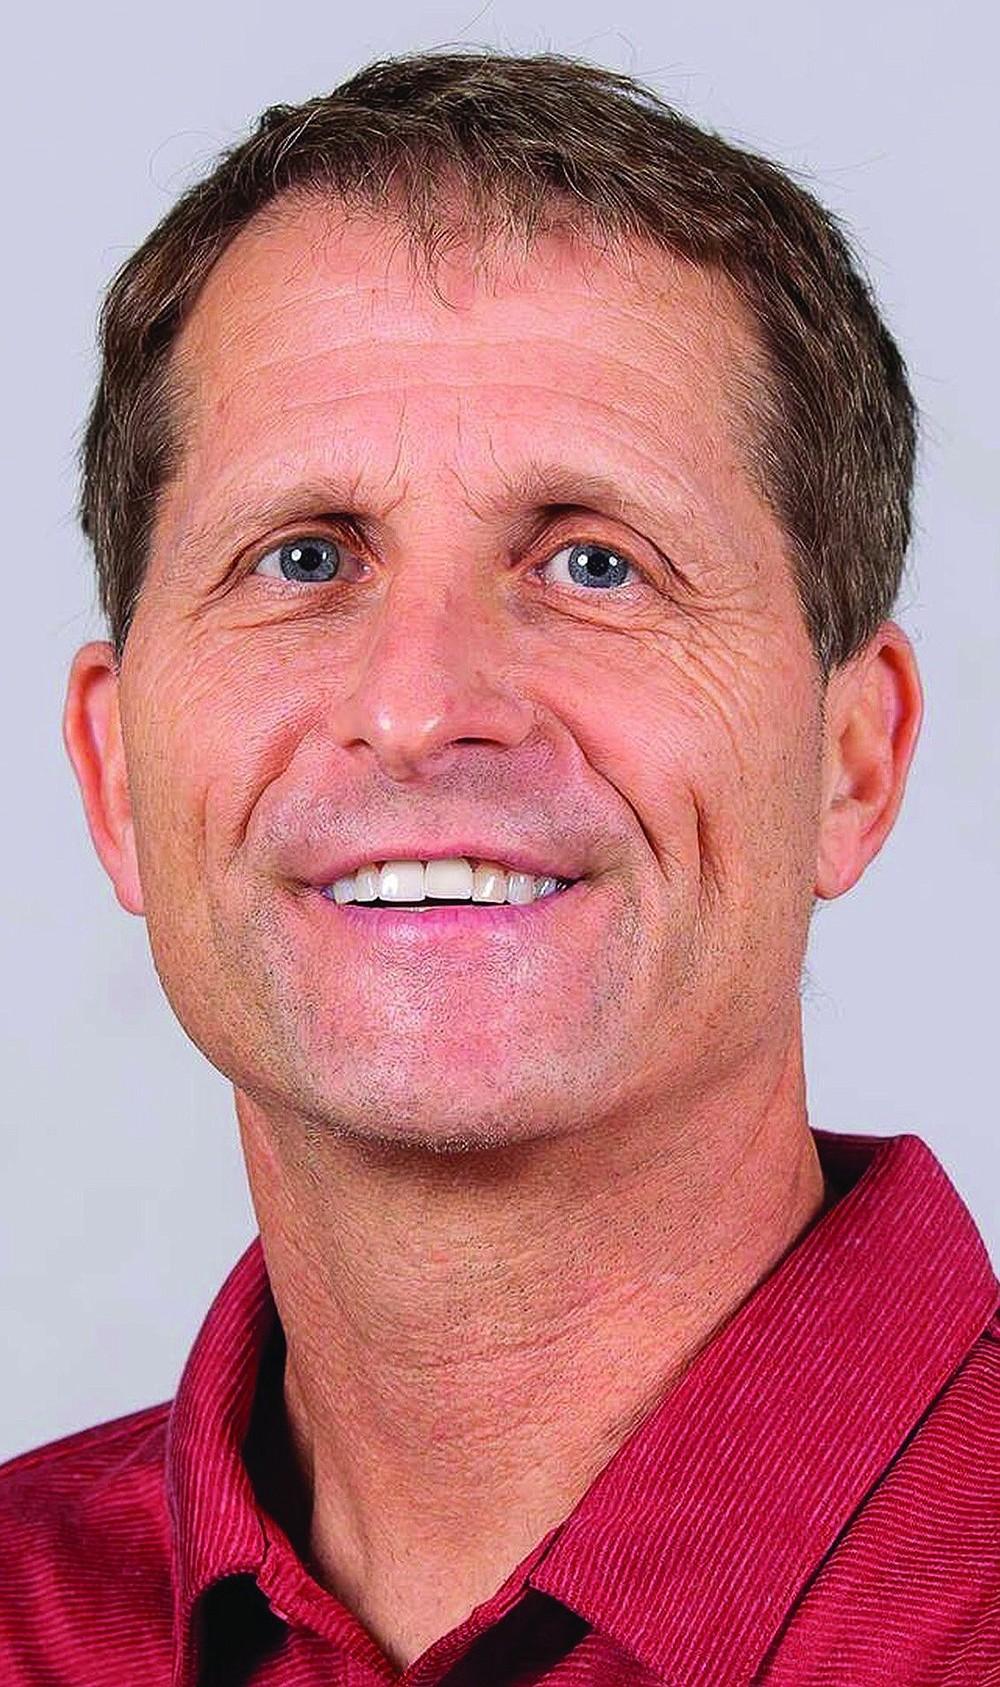 Arkansas basketball Coach Eric Musselman